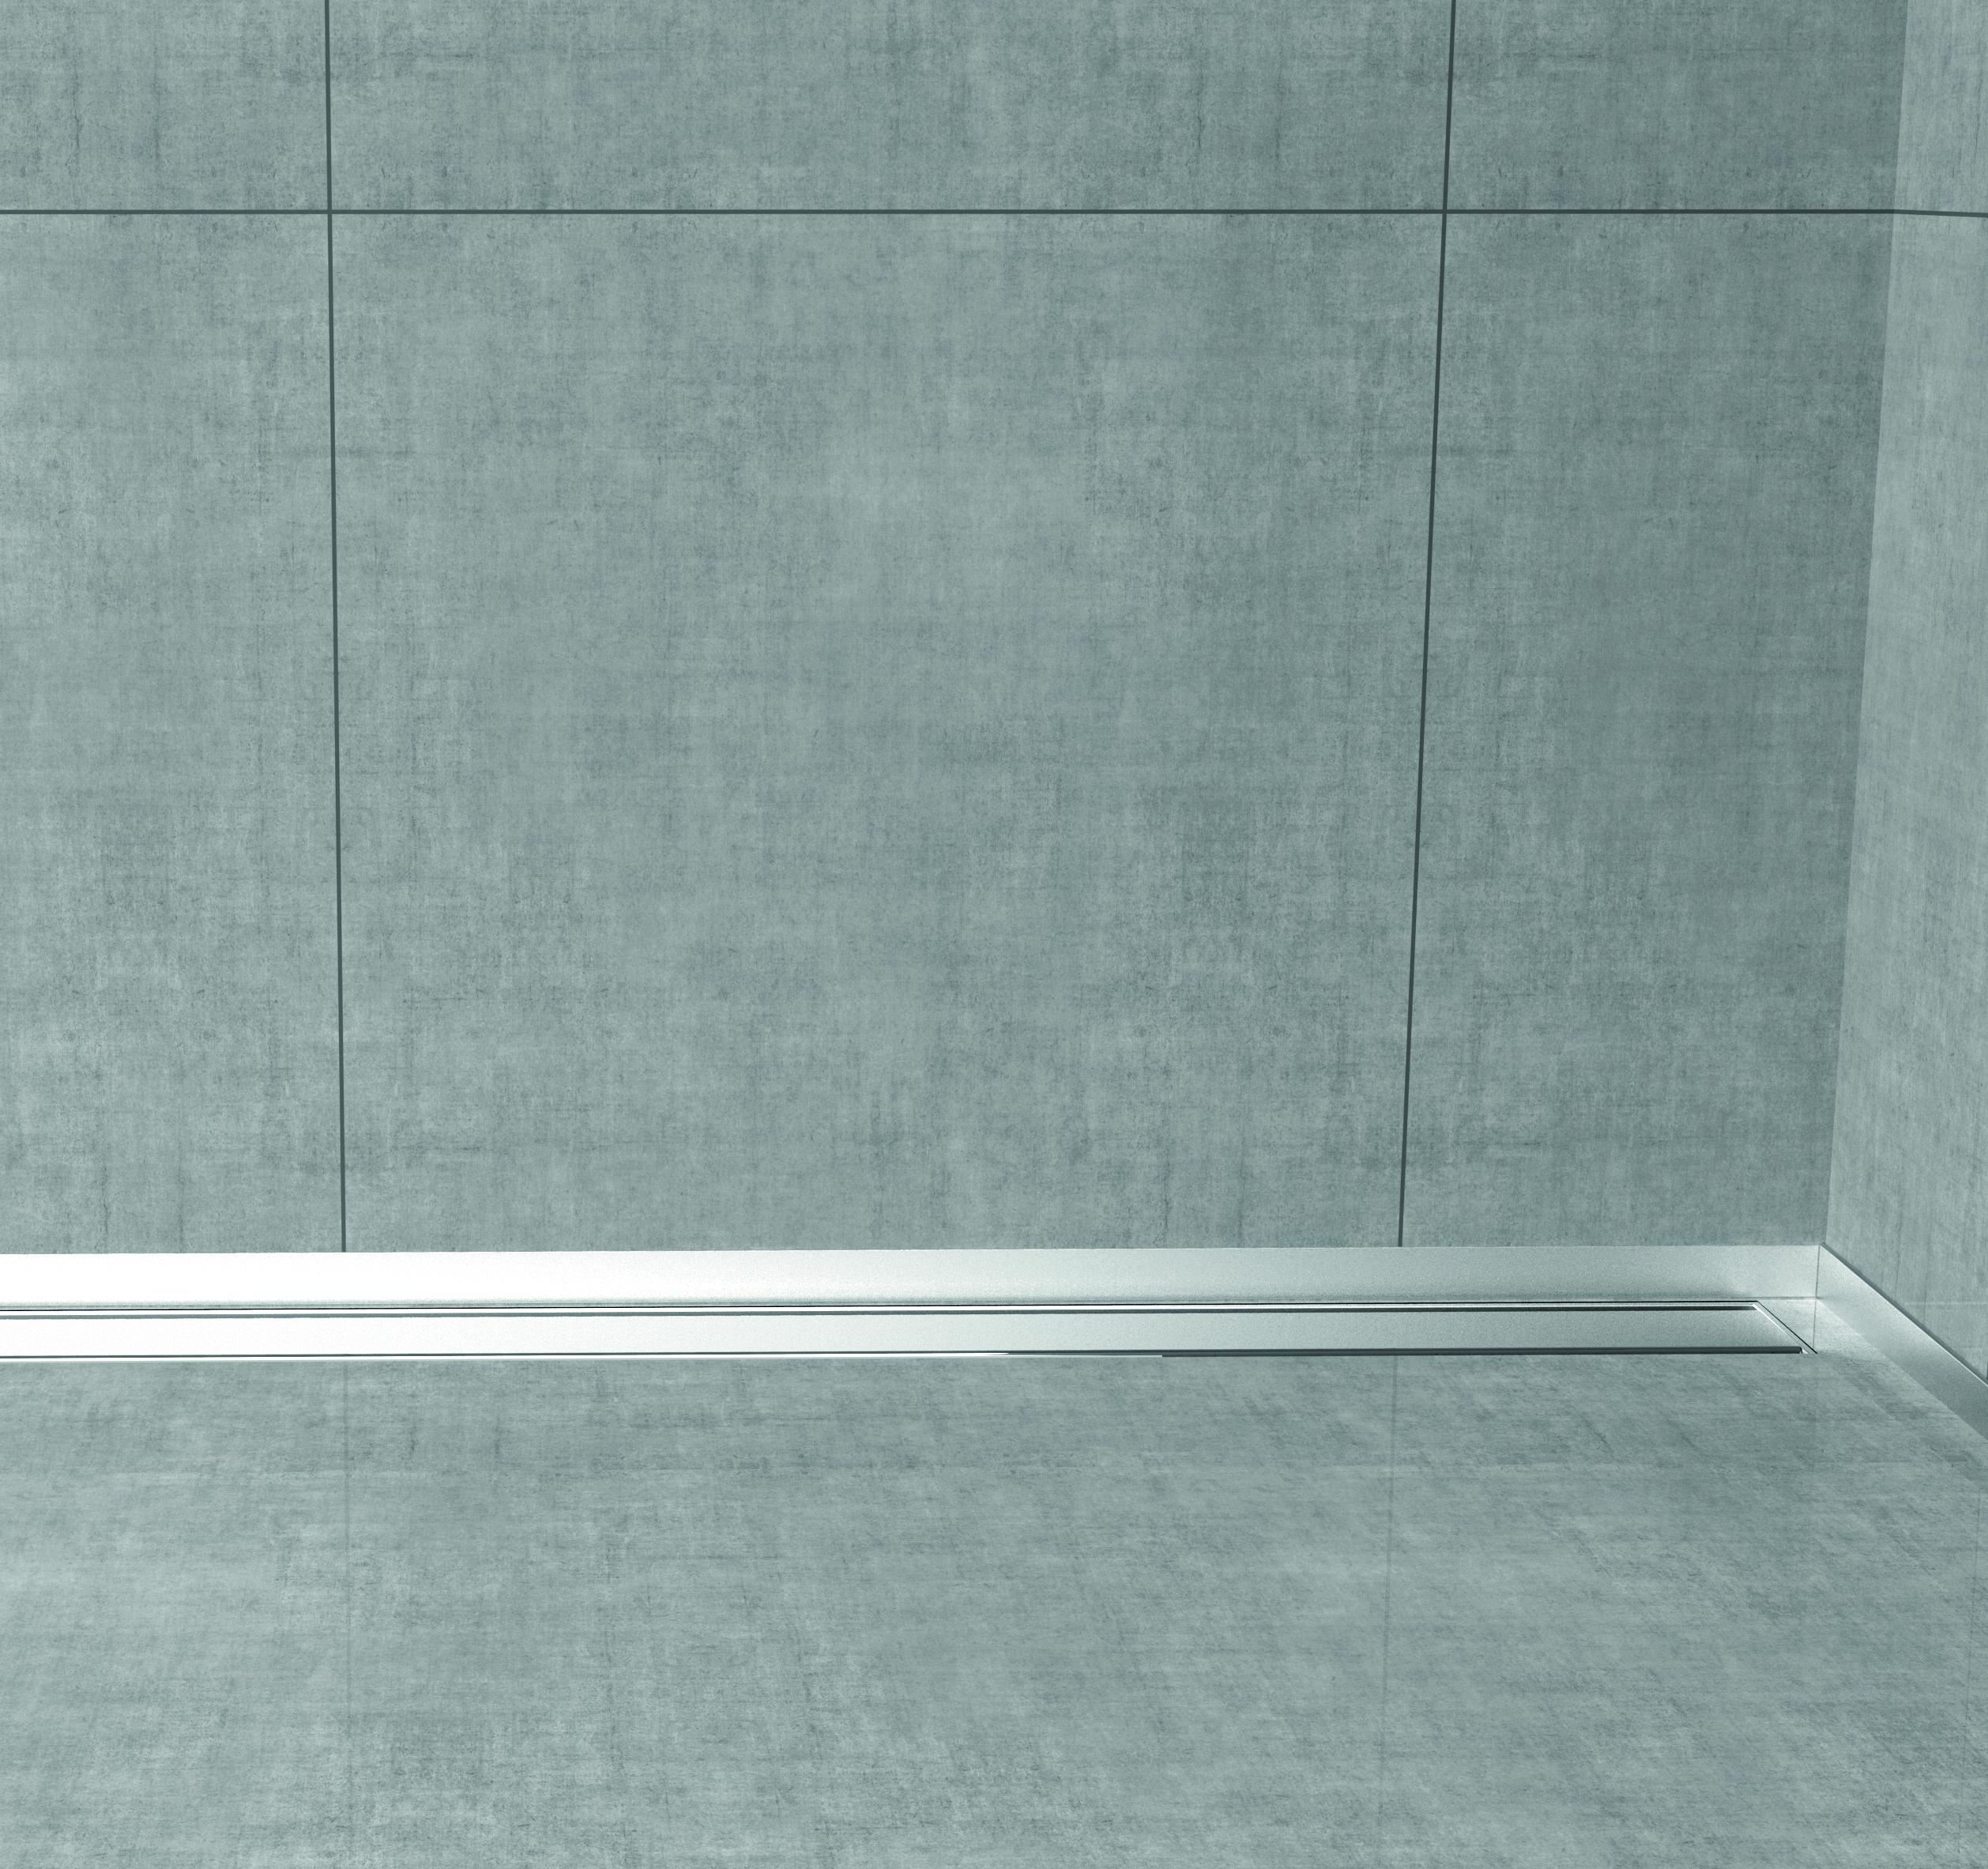 Profilpas un nuovo sistema per concepire l 39 area doccia - Posare un piatto doccia ...